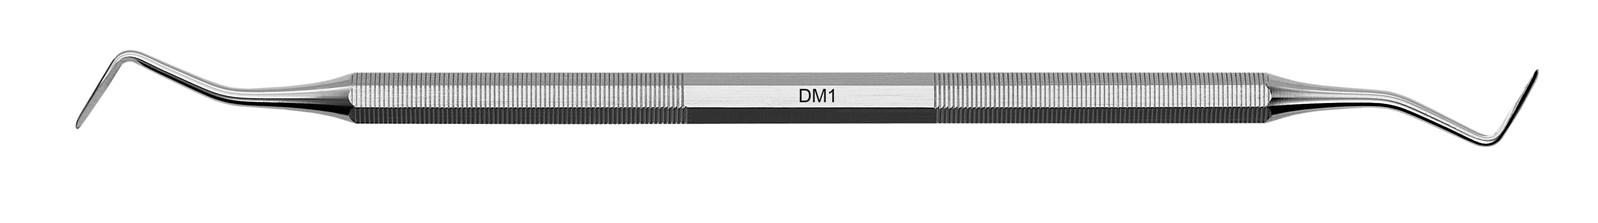 Lžičkové dlátko - DM1, ADEP šedý